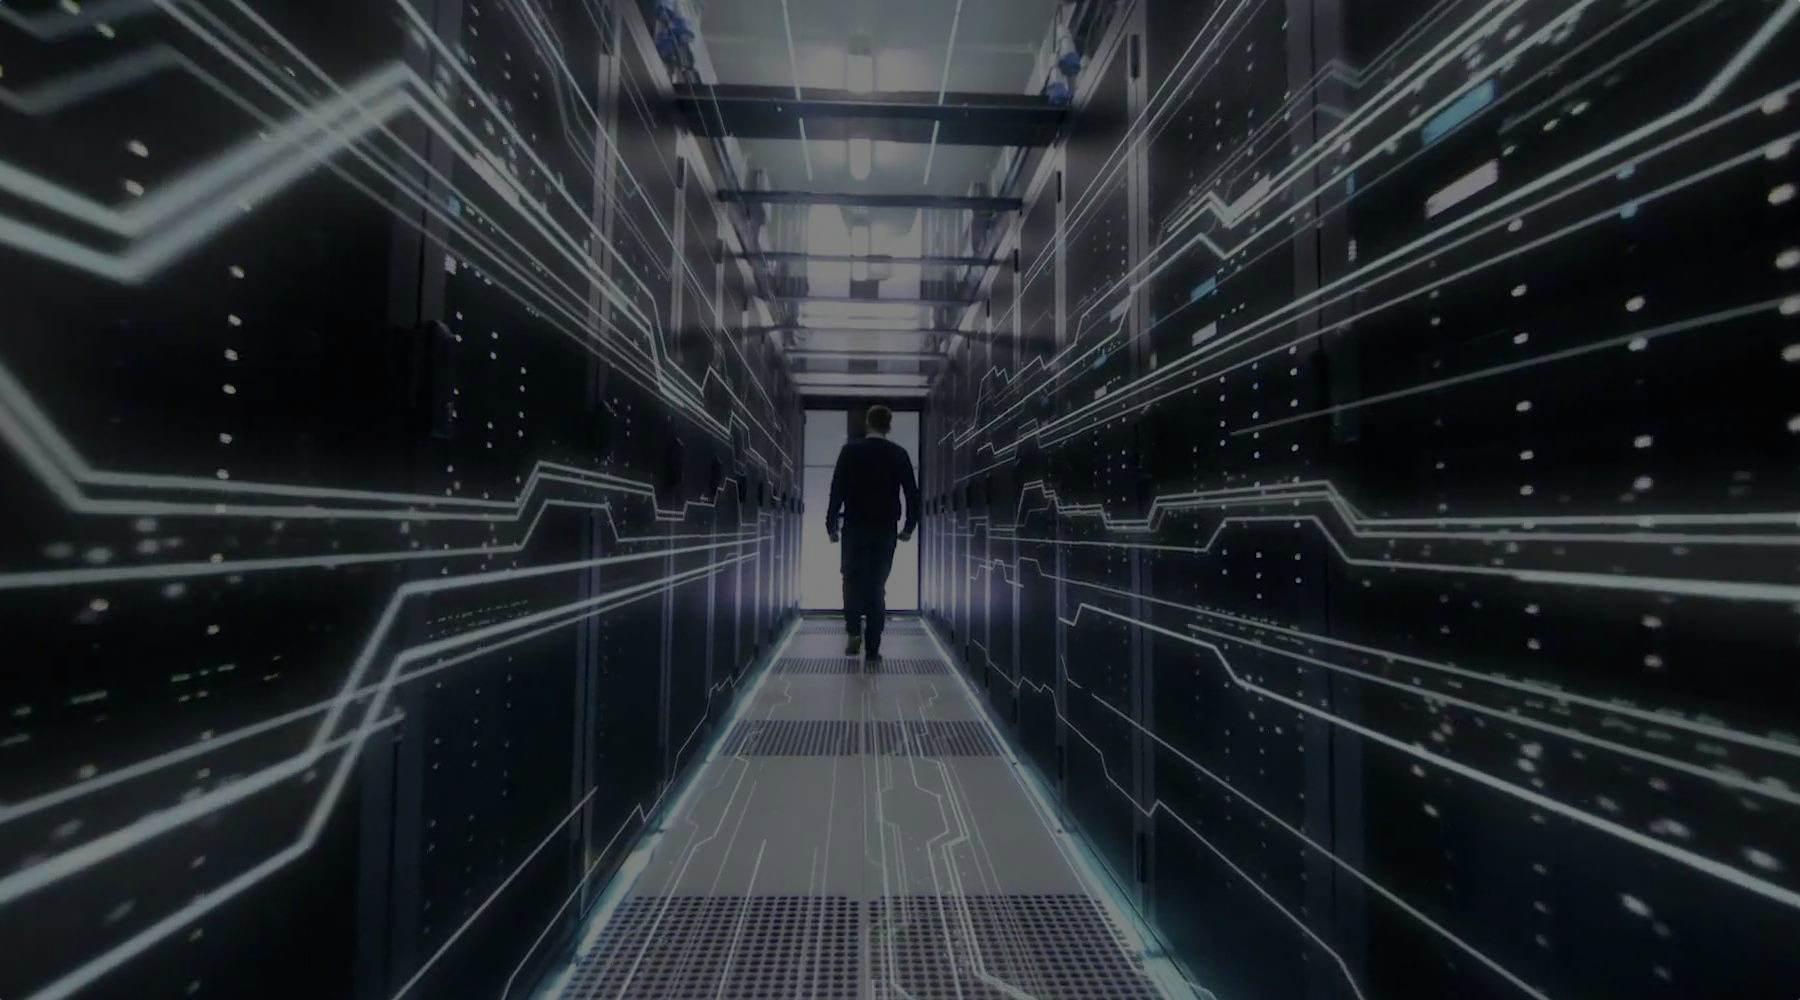 Man-standing-in-server-room-dark